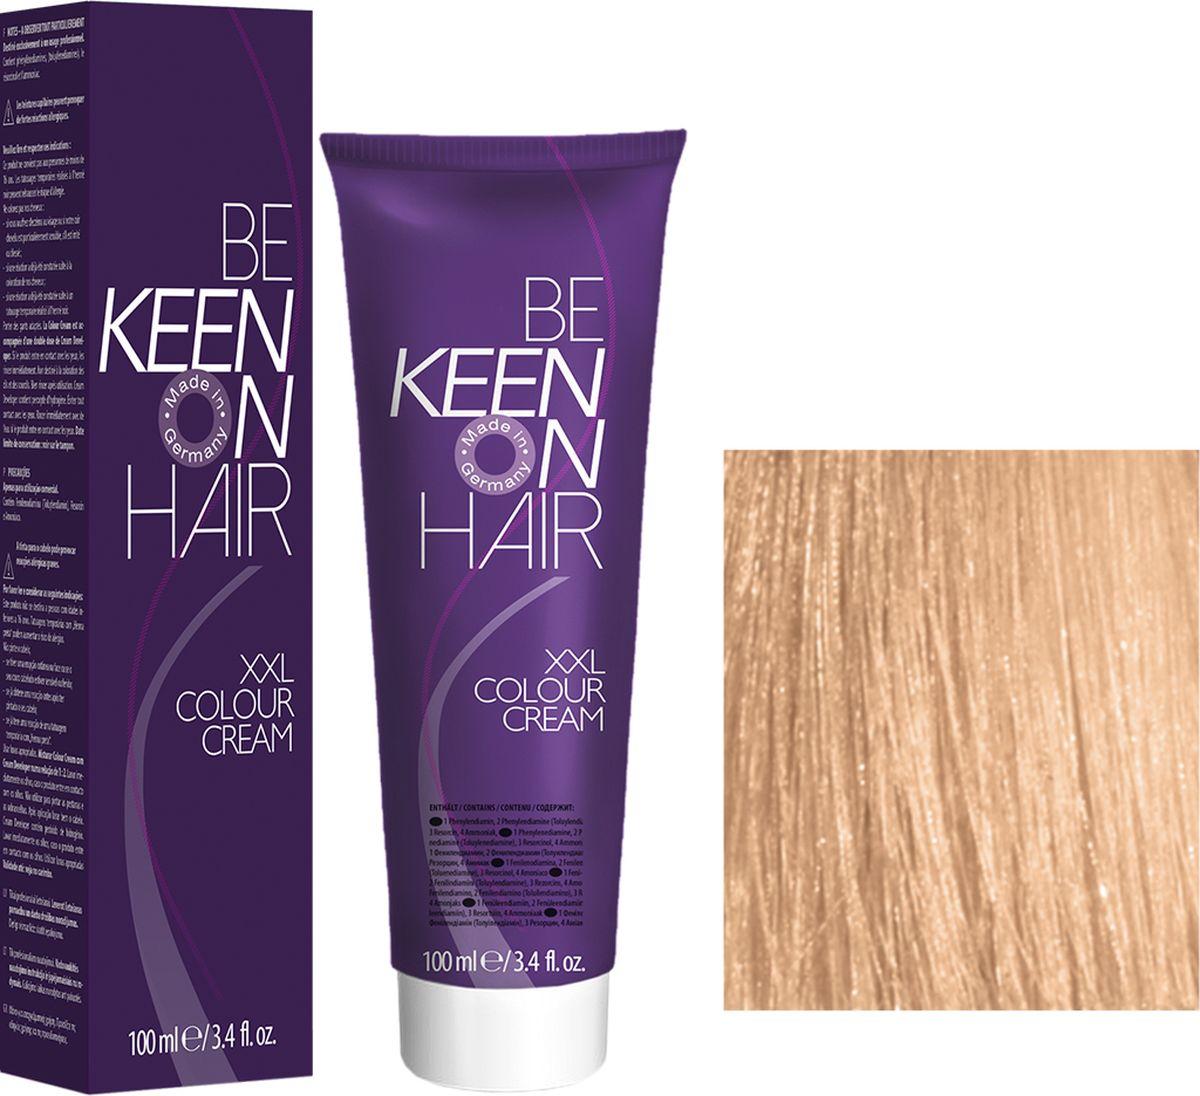 Keen Краска для волос 9.3 Светло-золотистый блондин Hellblond Gold, 100 мл69100088Модные оттенкиБолее 100 оттенков для креативной комбинации цветов.ЭкономичностьПри использовании тюбика 100 мл вы получаете оптимальное соотношение цены и качества!УходМолочный белок поддерживает структуру волоса во время окрашивания и придает волосам блеск и шелковистость. Протеины хорошо встраиваются в волосы и снабжают их влагой.